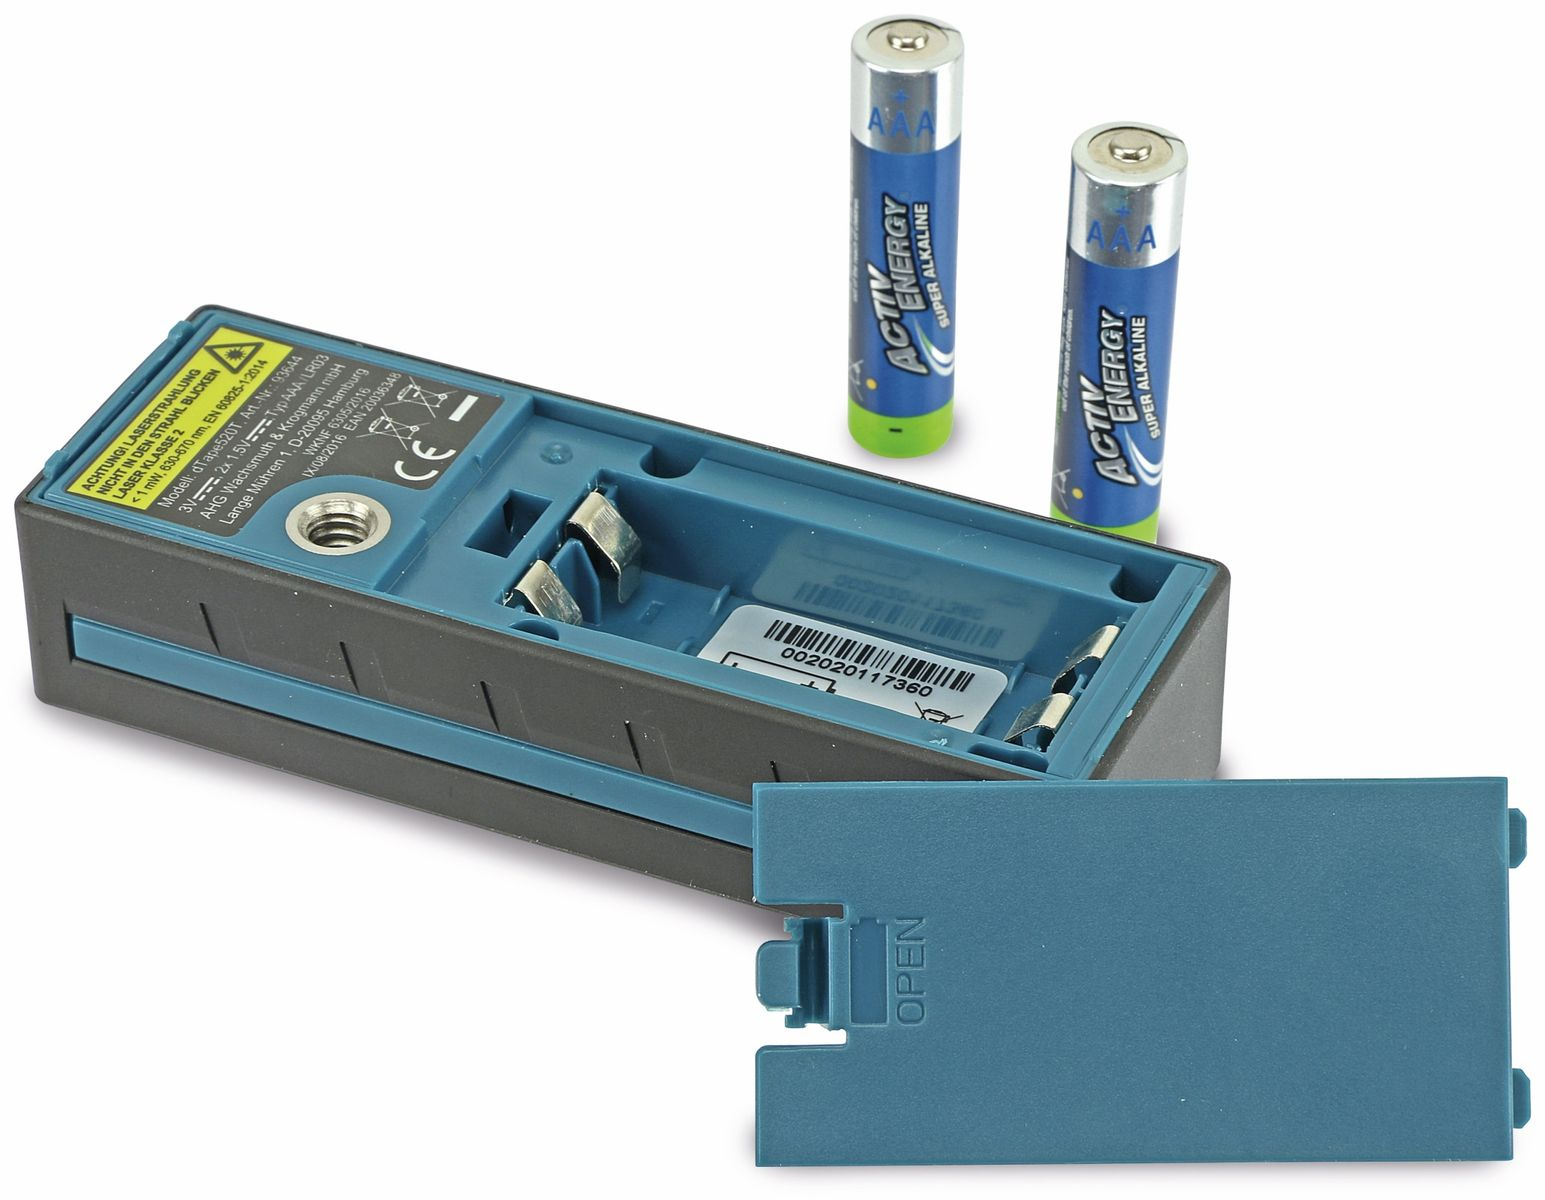 Ultraschall Entfernungsmesser Funktionsweise : Laser entfernungsmesser ultraschall günstig